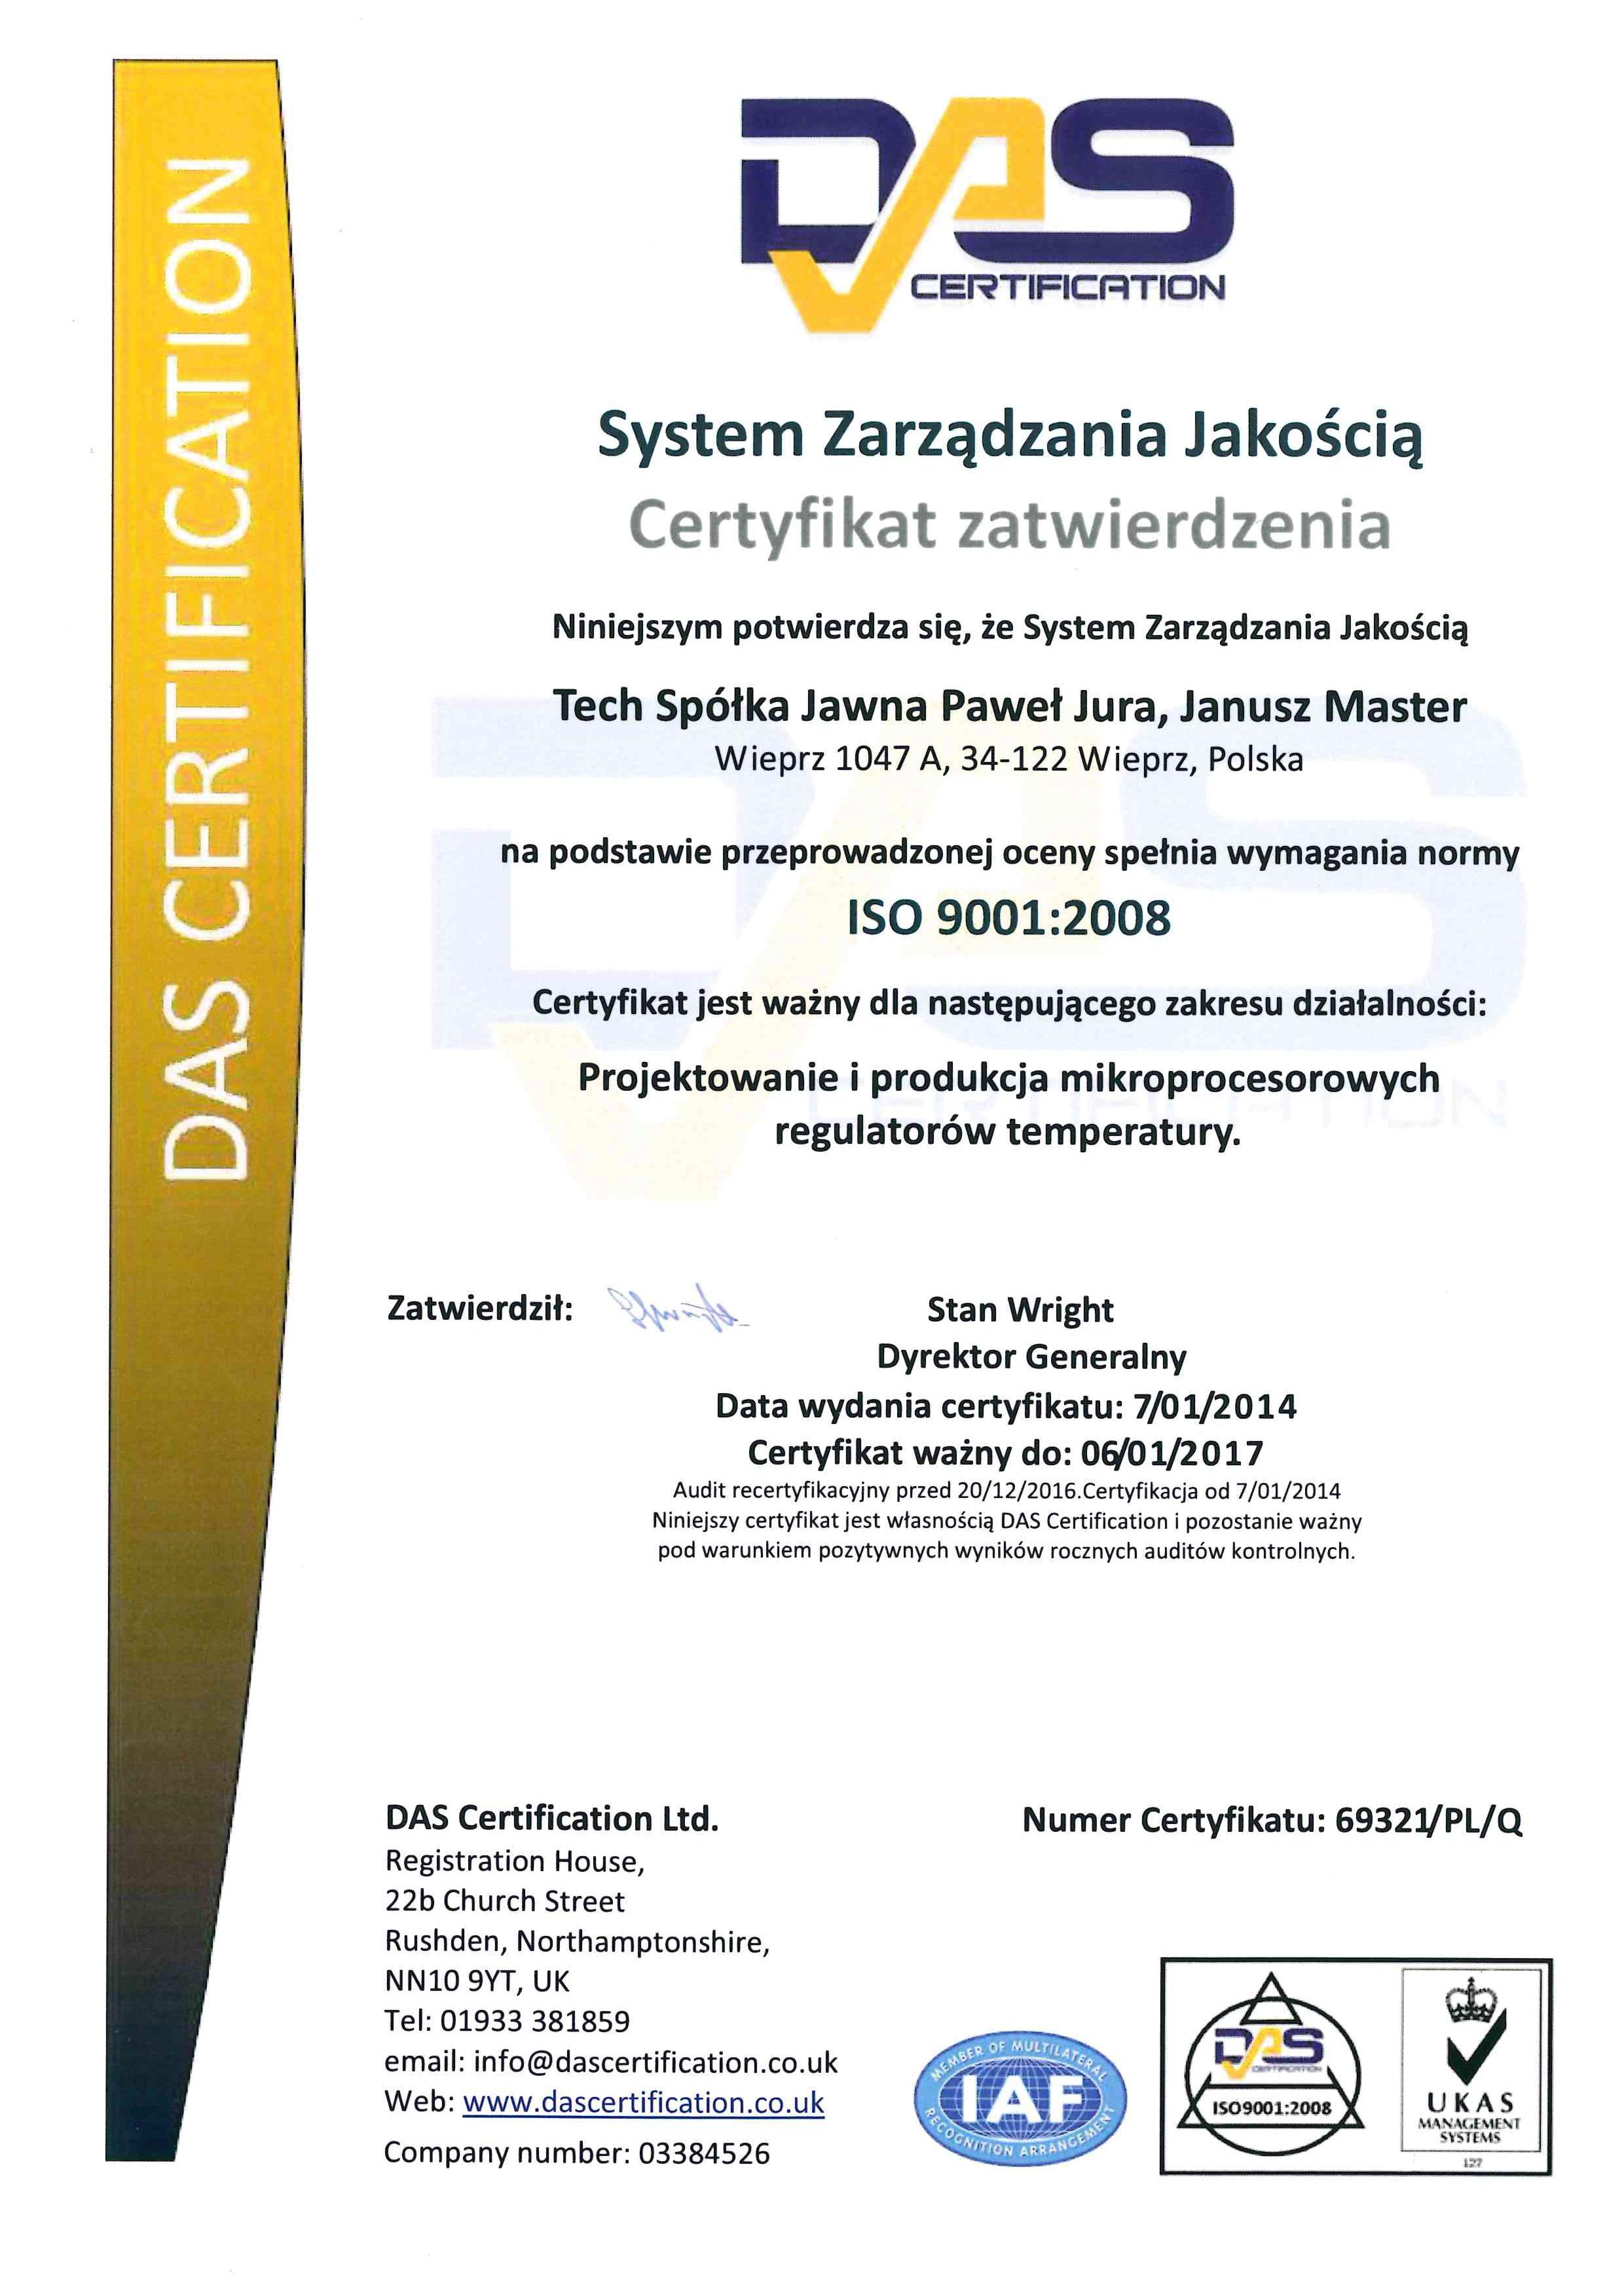 Certyfikat: System Zarządzania Jakością